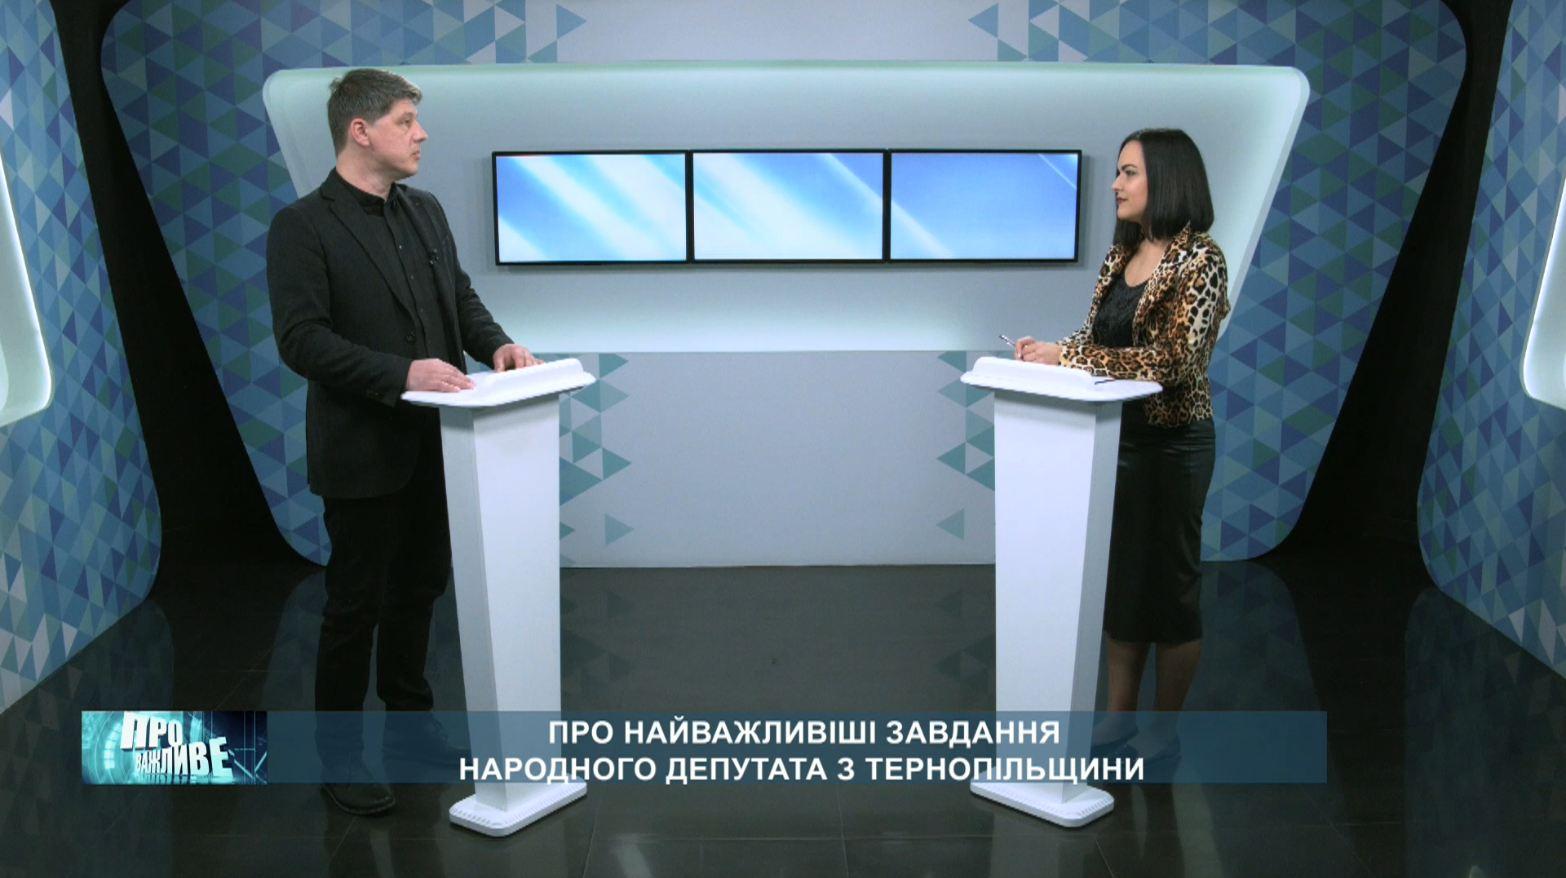 «Про важливе». Про найважливіші завдання народного депутата з Тернопільщини